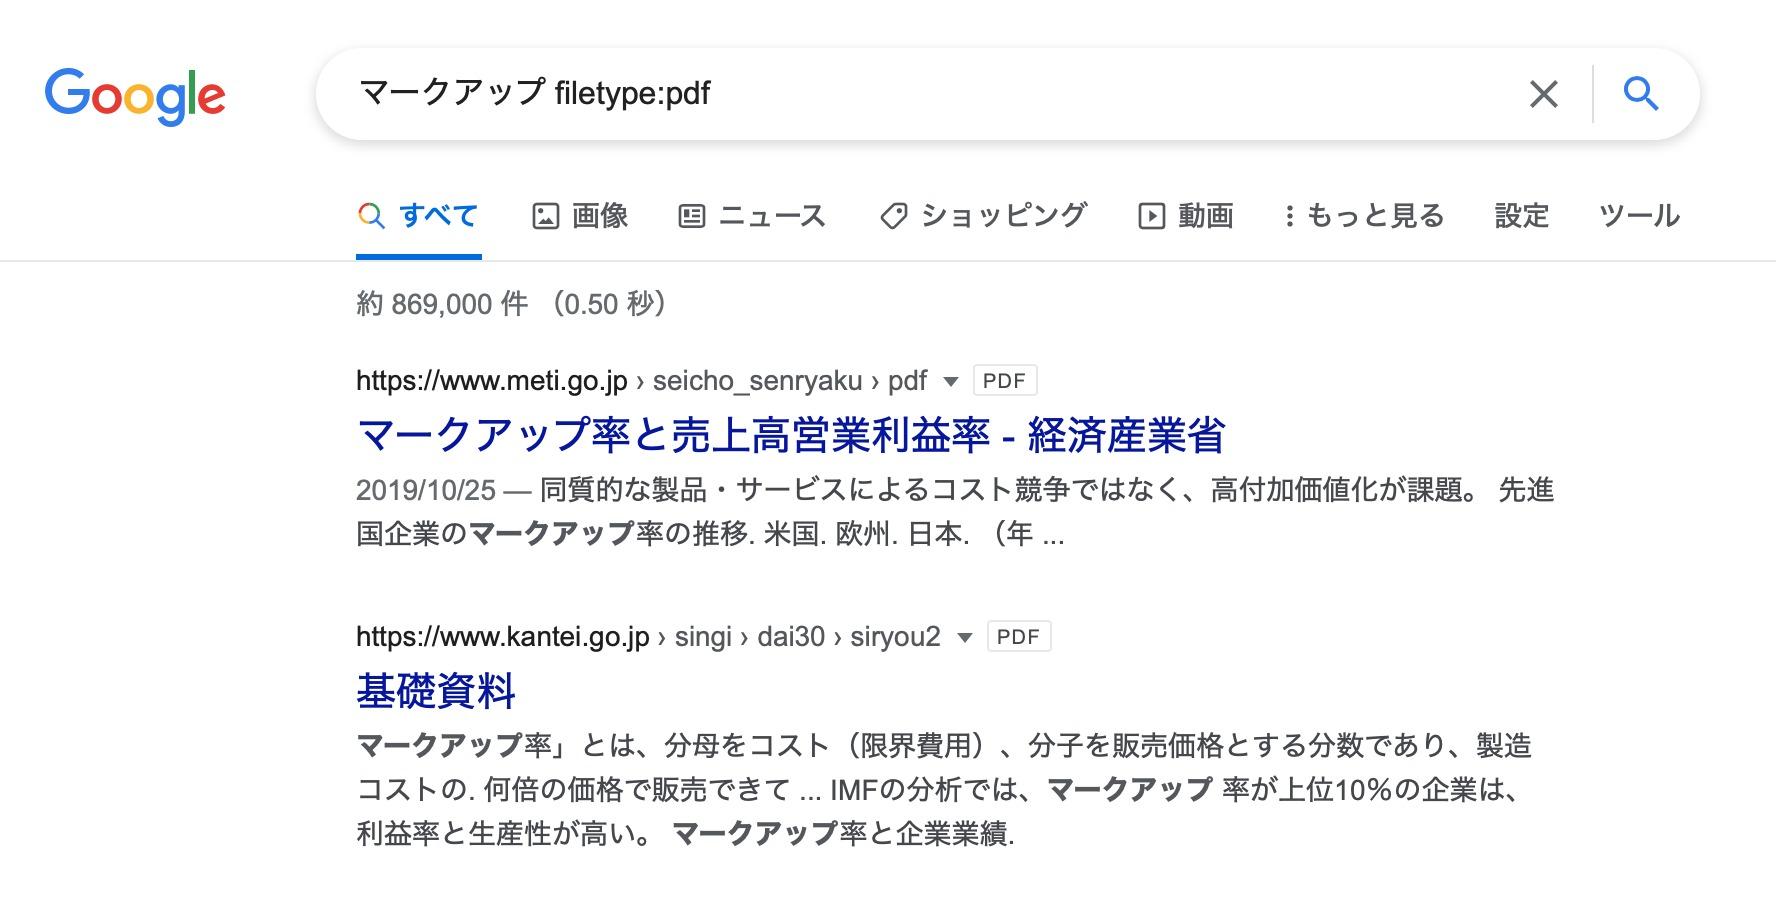 Google検索窓に入力された「ファイル検索」の例